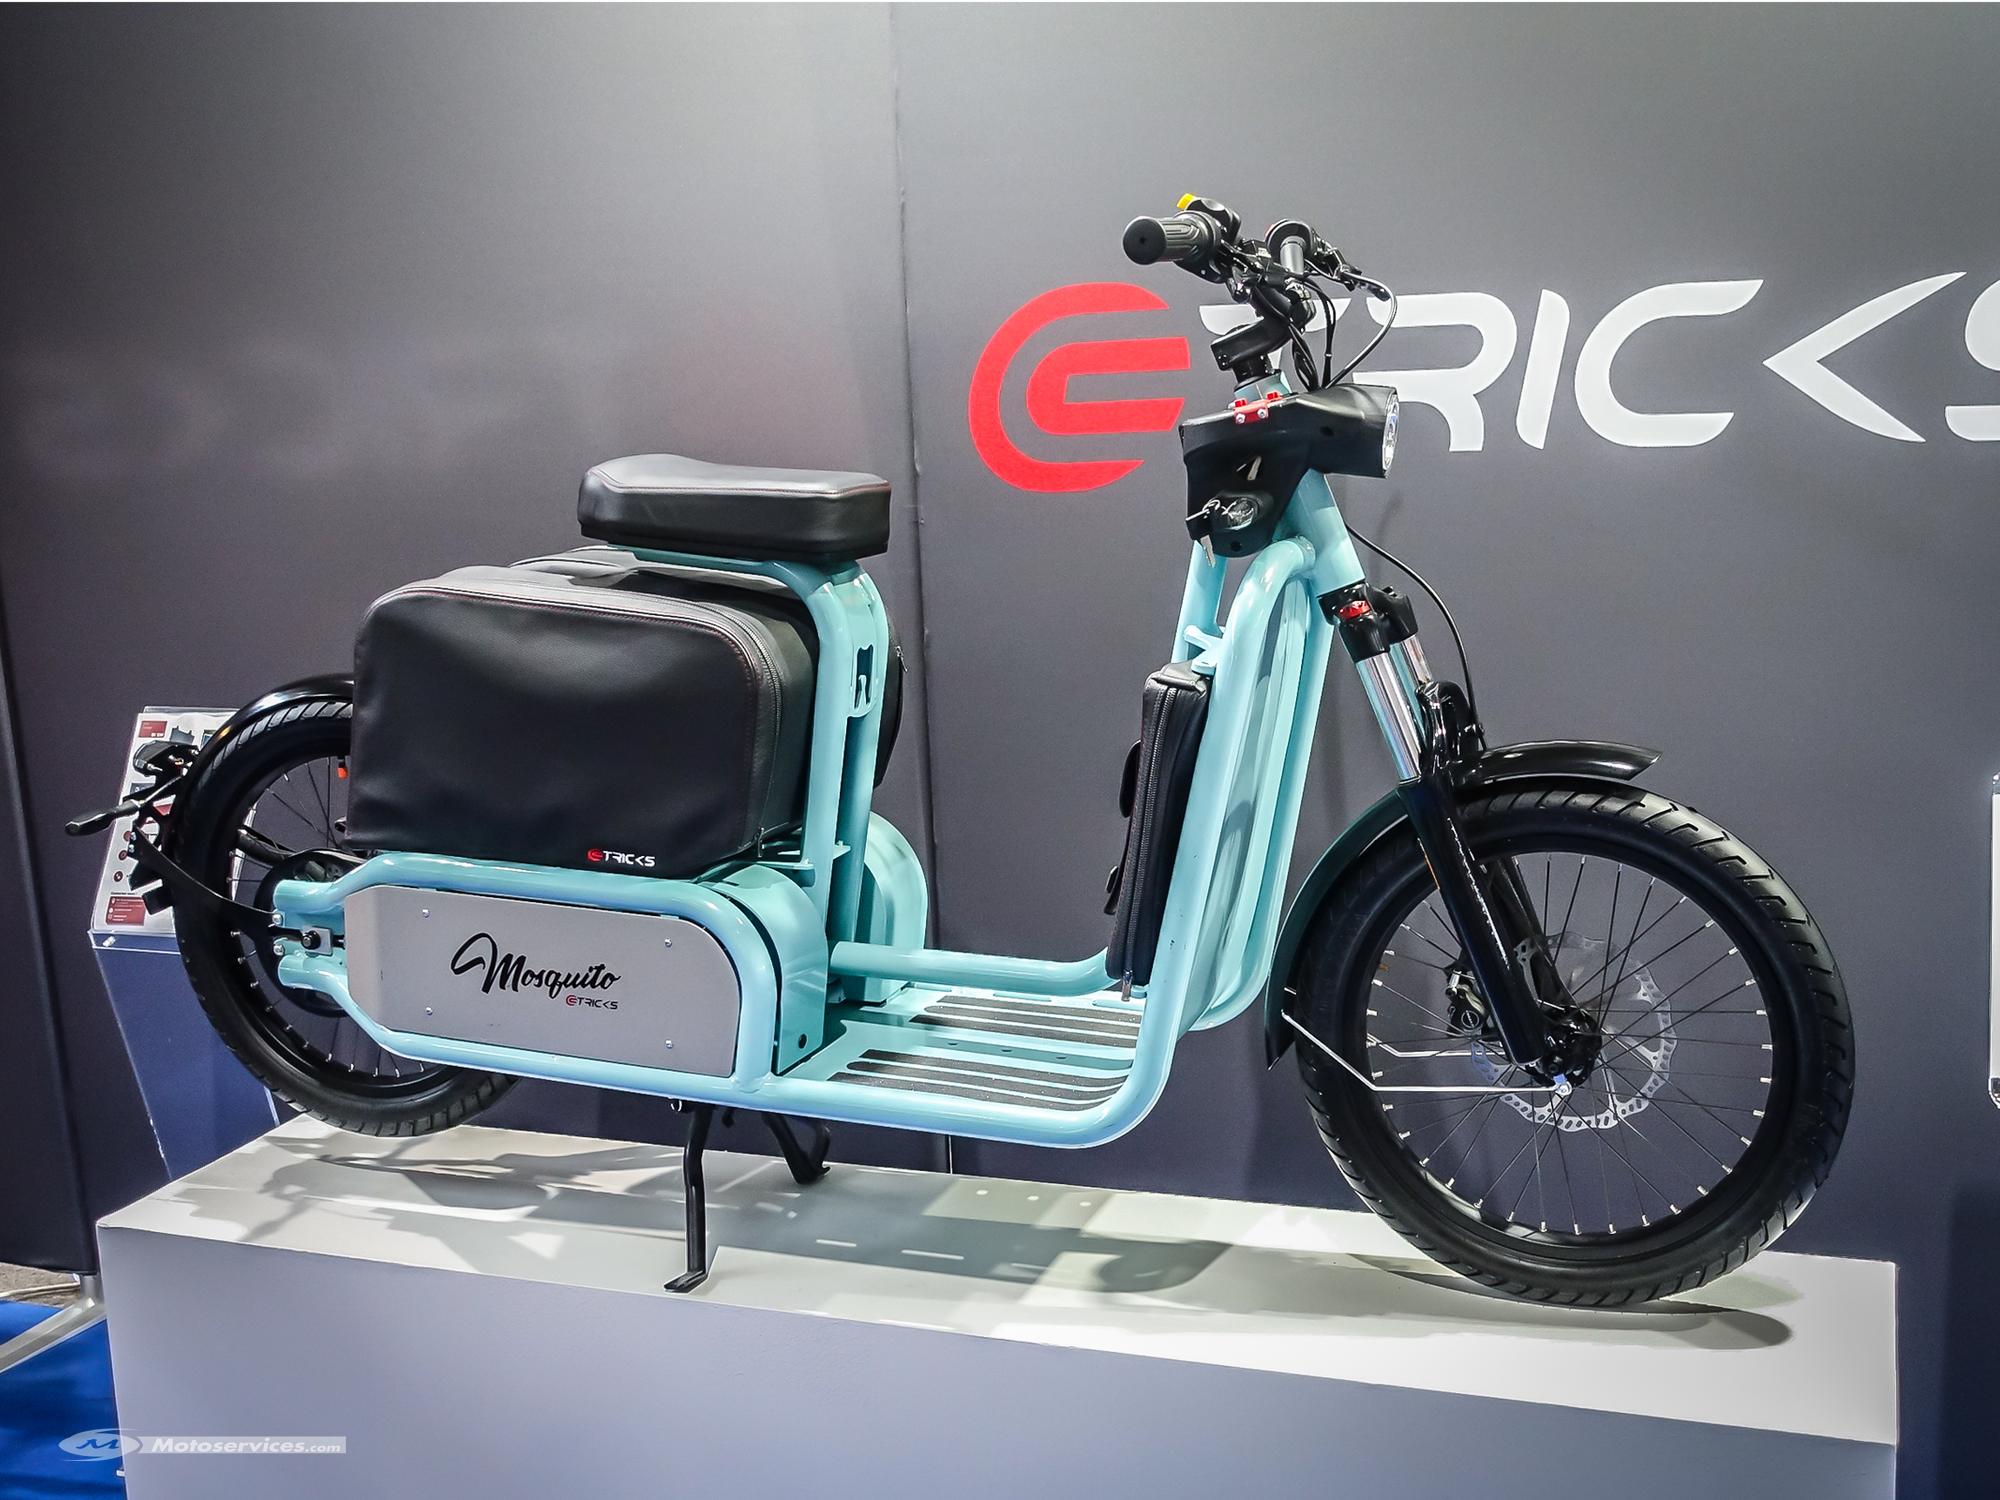 Bilan salon du 2 roues de lyon 2018 un record scooter dz for Salon du 2 roues lyon